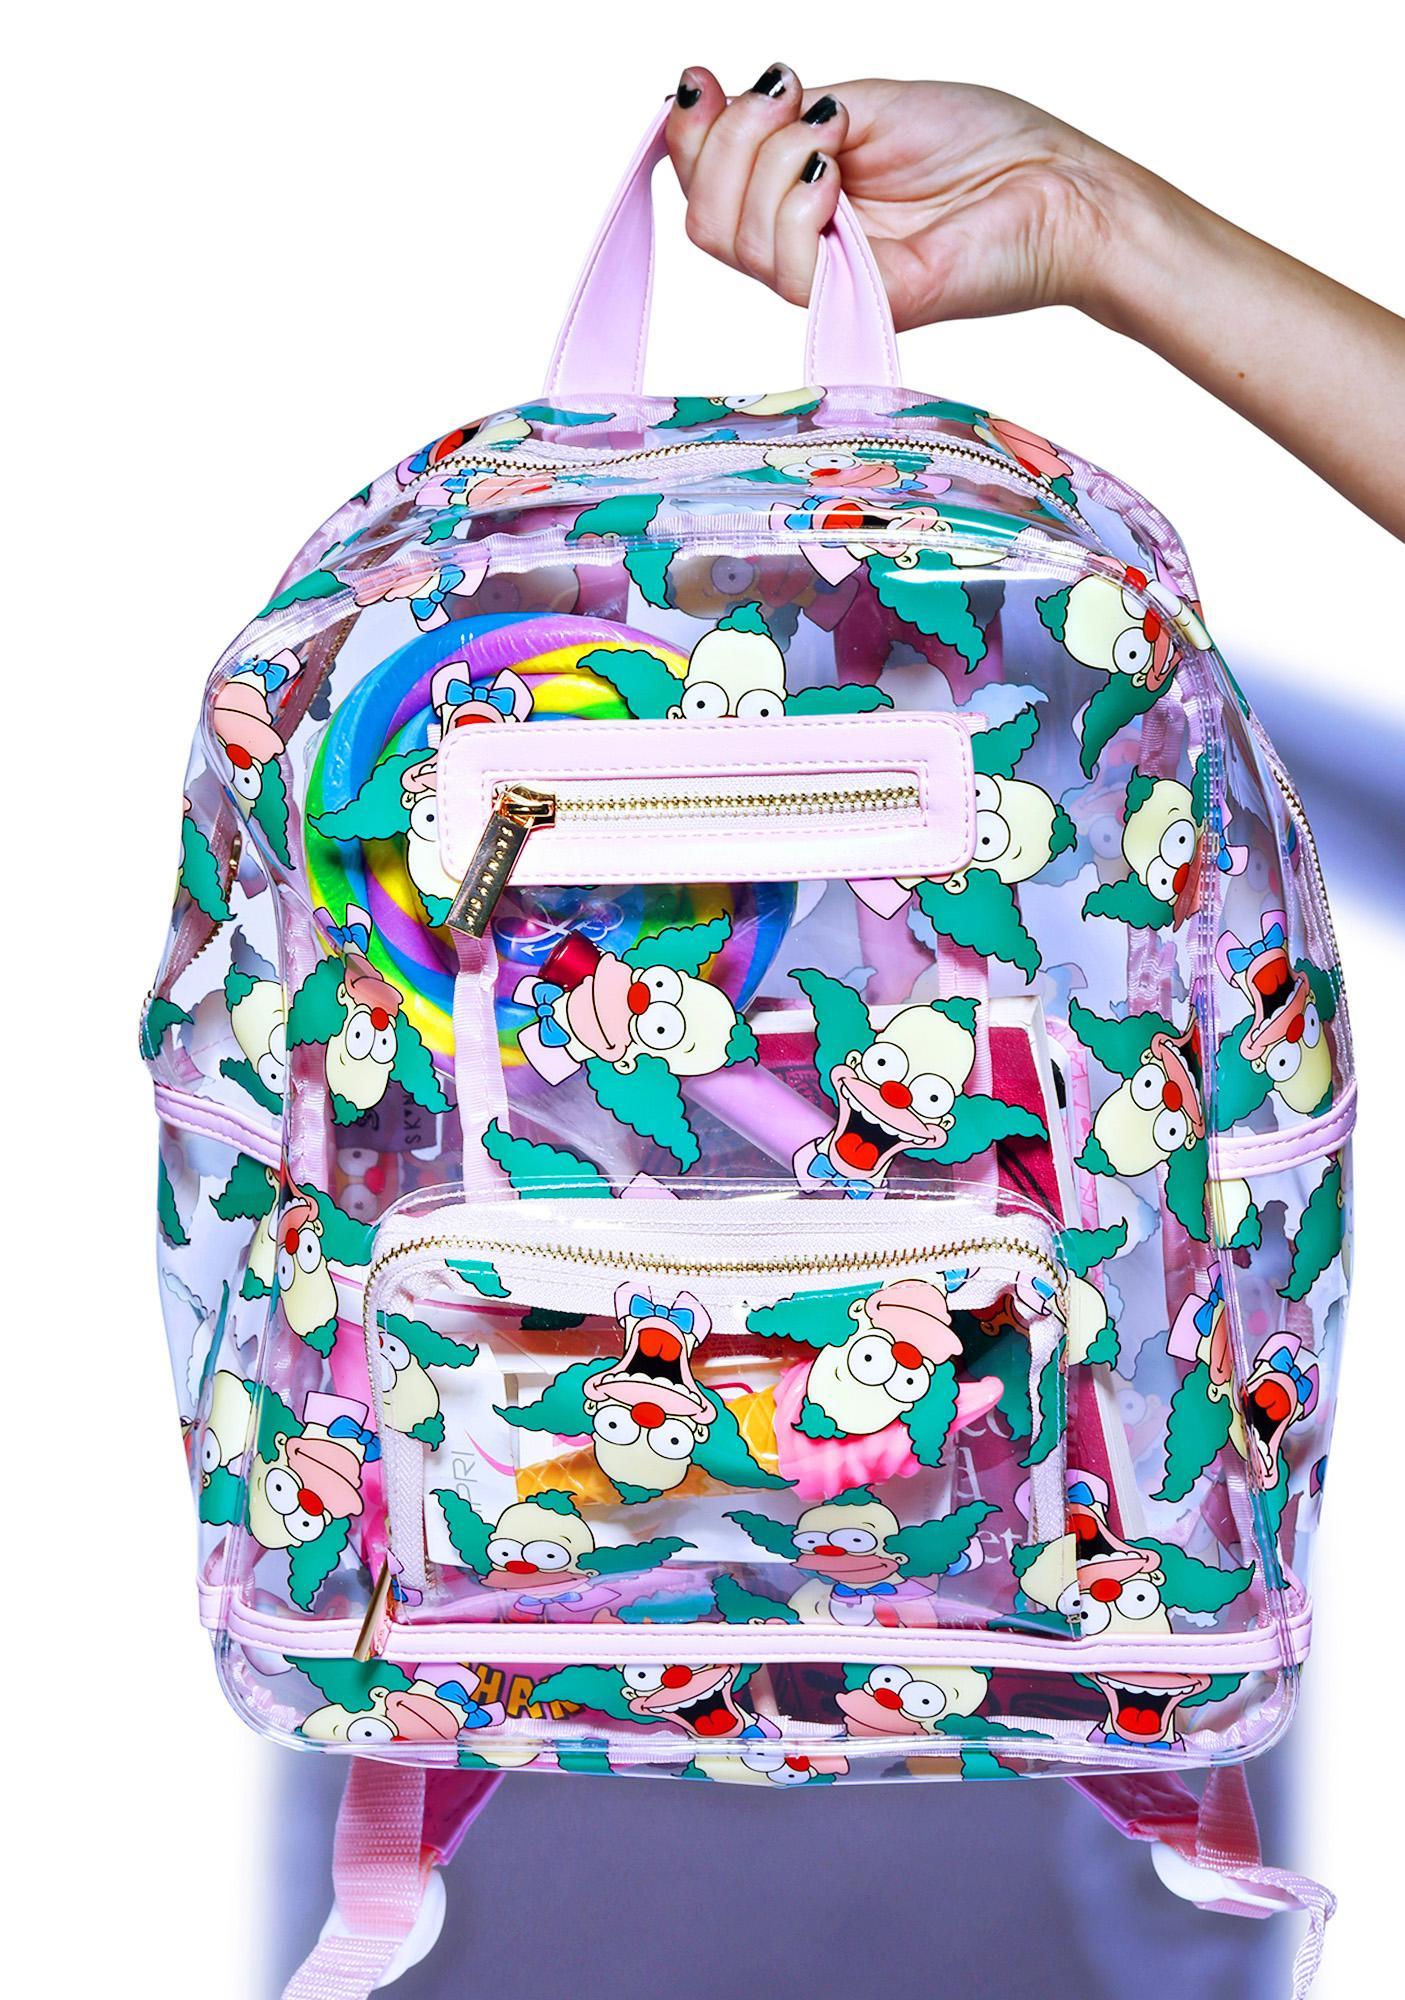 Skinnydip Krusty Backpack